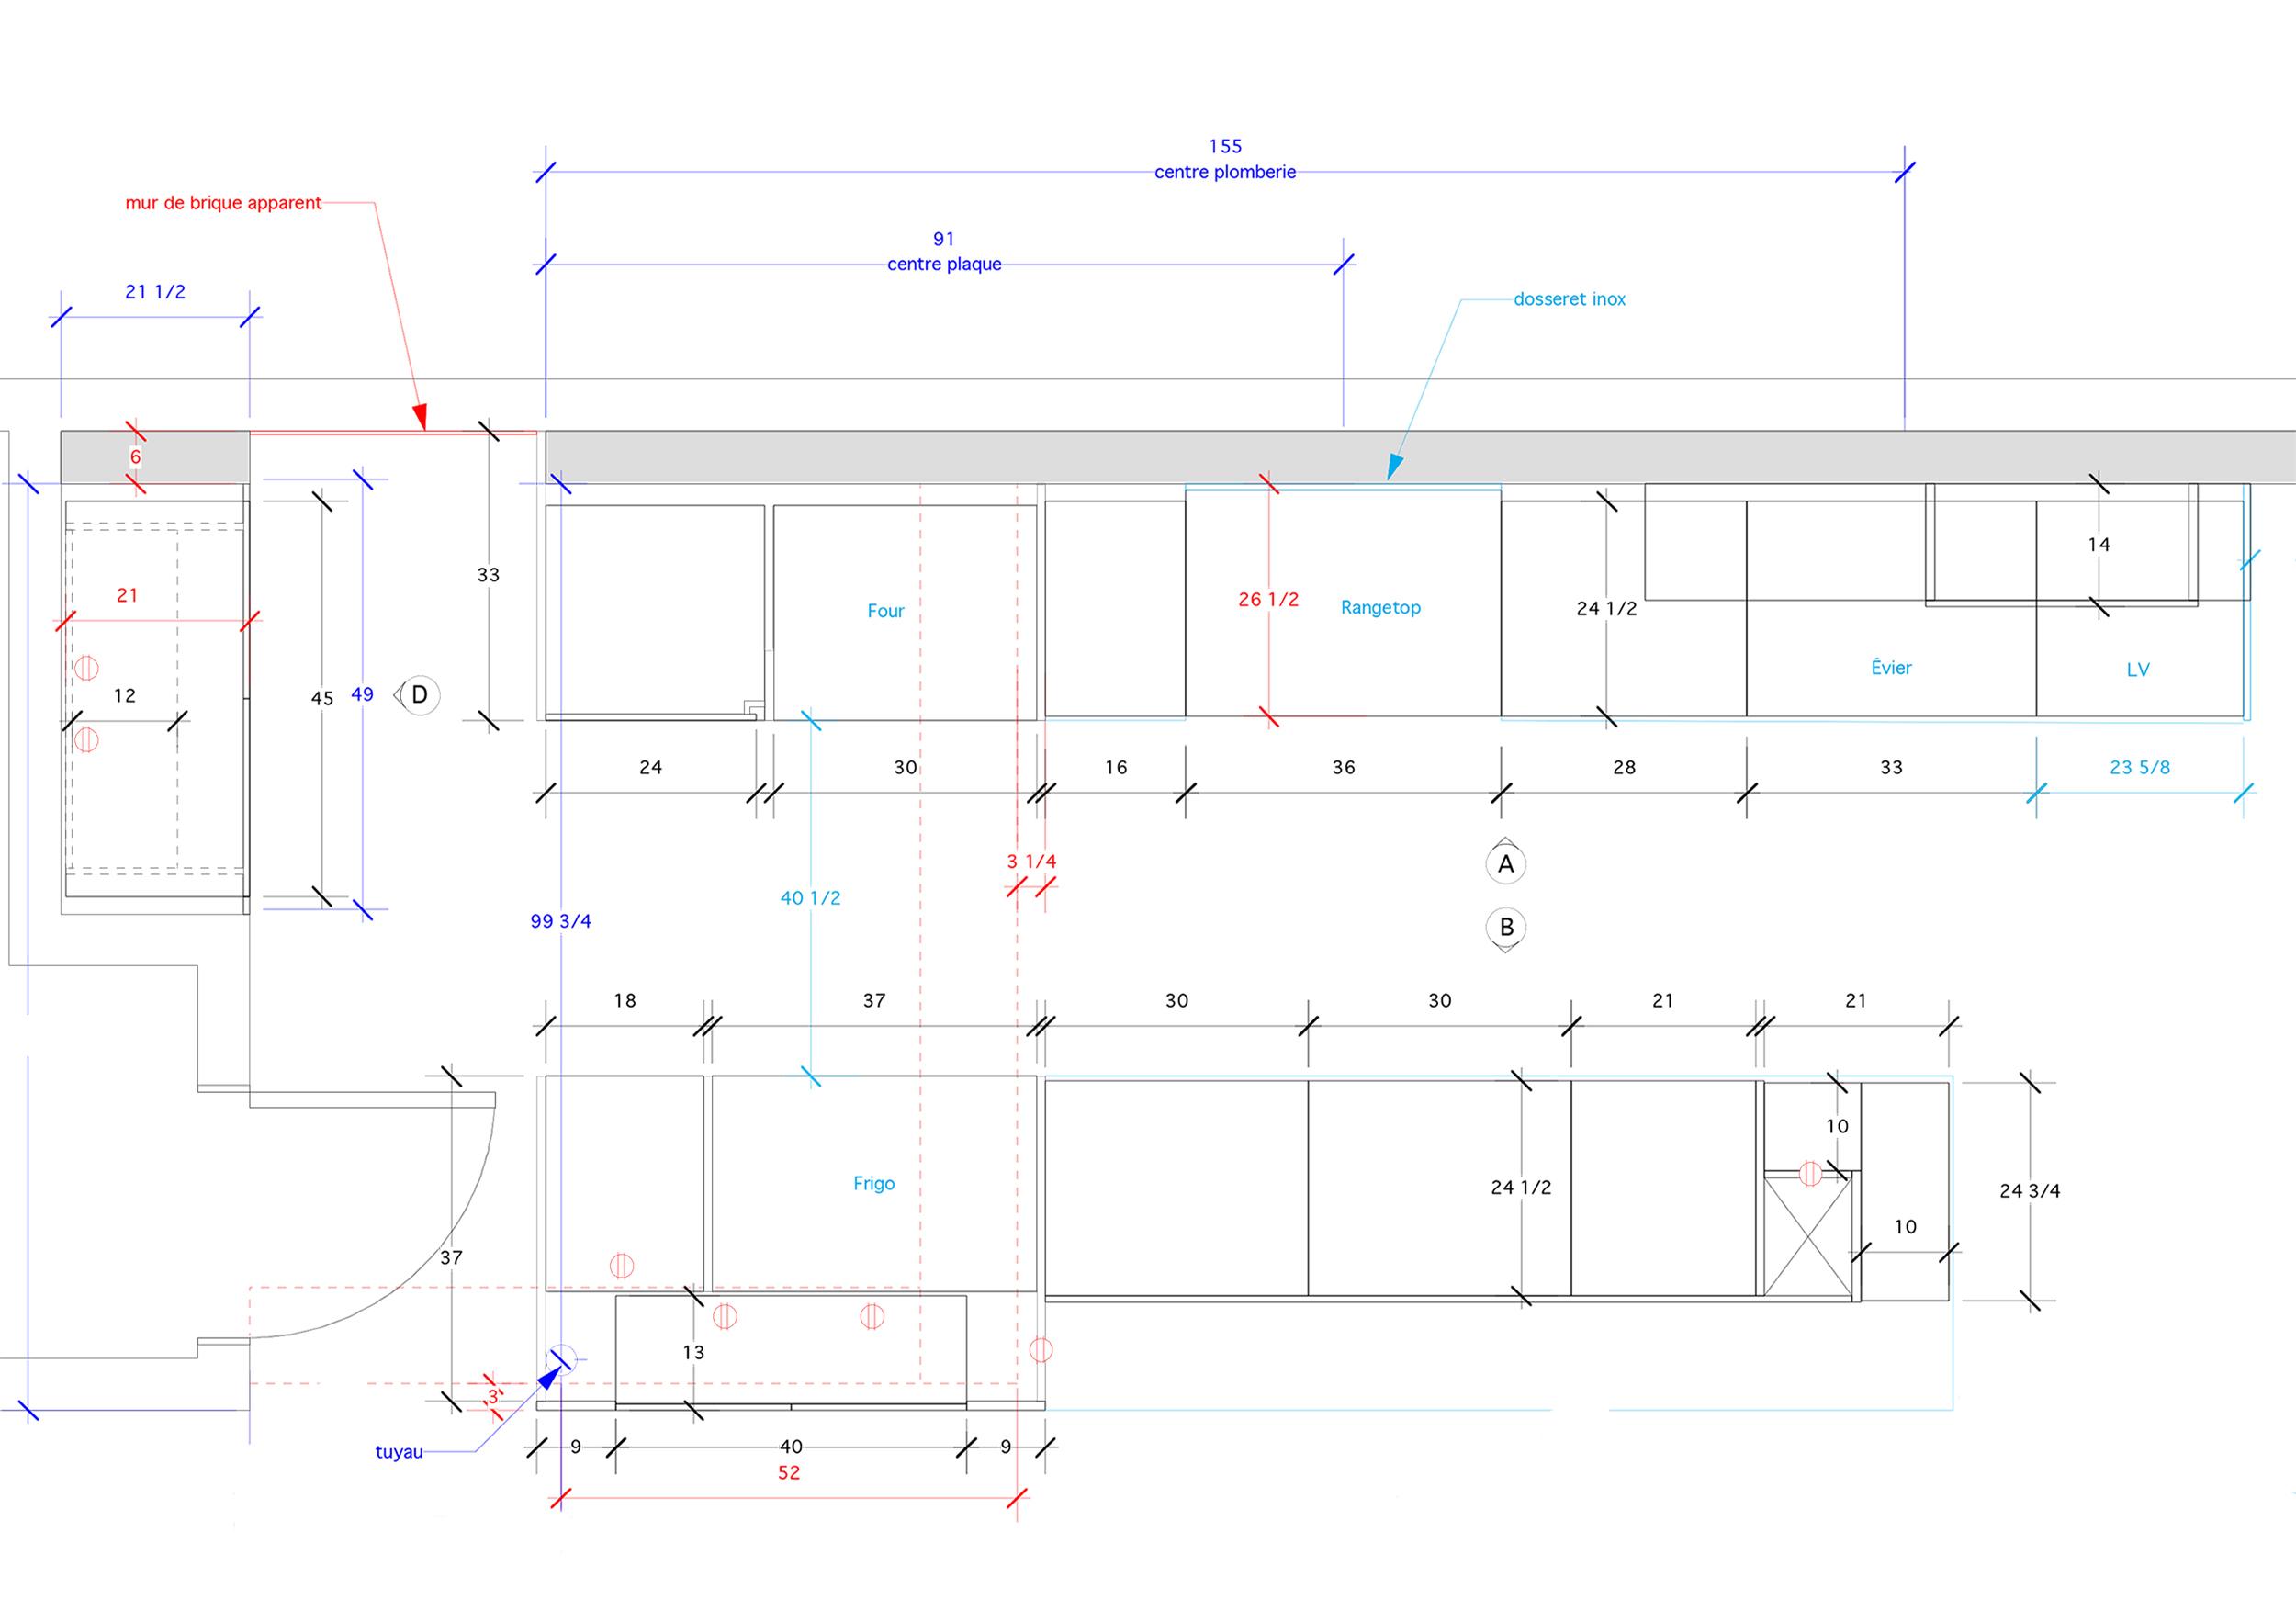 - Cette maison typique, profonde et étroite, du Plateau Mont-Royal de Montréal met en valeur les caractéristiques, telles que les poutres apparentes et murs de brique, propre à ce type de demeure. Cette cuisine expérimente les couleurs, les formes et textures pour créer un espace vivant et dynamique. Une cuisine pour tous qui incite les petites mains à se mettre au boulot pour participer à la création de plats imaginatifs!Matériaux: laque de polyuréthane grise et bleue avec 30% de lustre, placage de noyer noir - effet planche, dosseret de verre, comptoir de quartz.